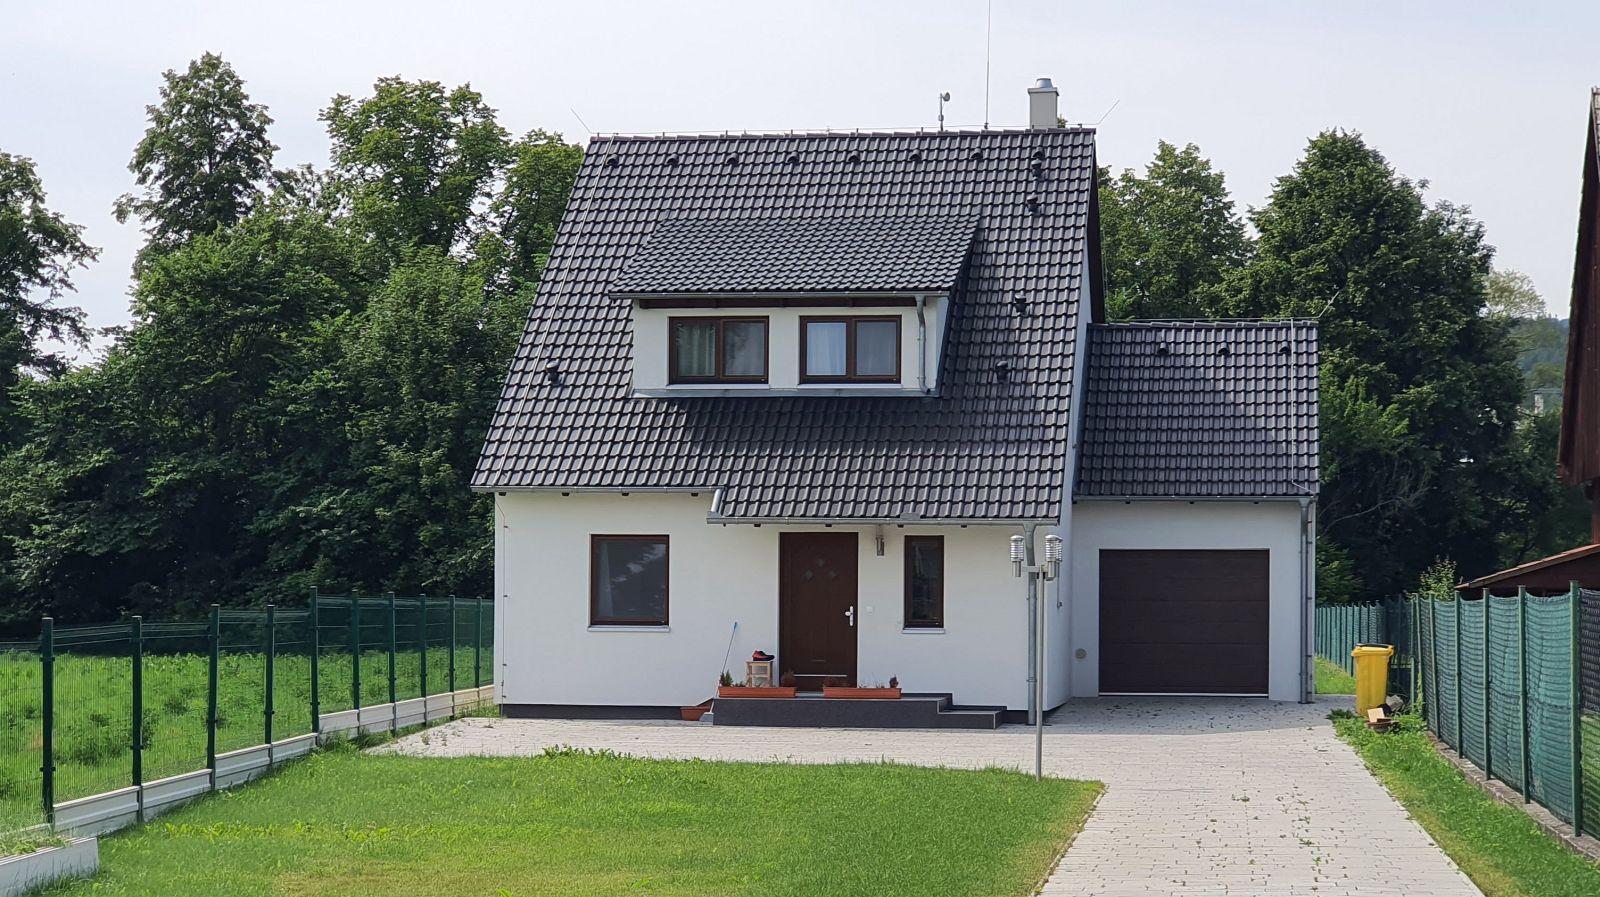 Nova 101 - dom na kľúč, garáž v cene